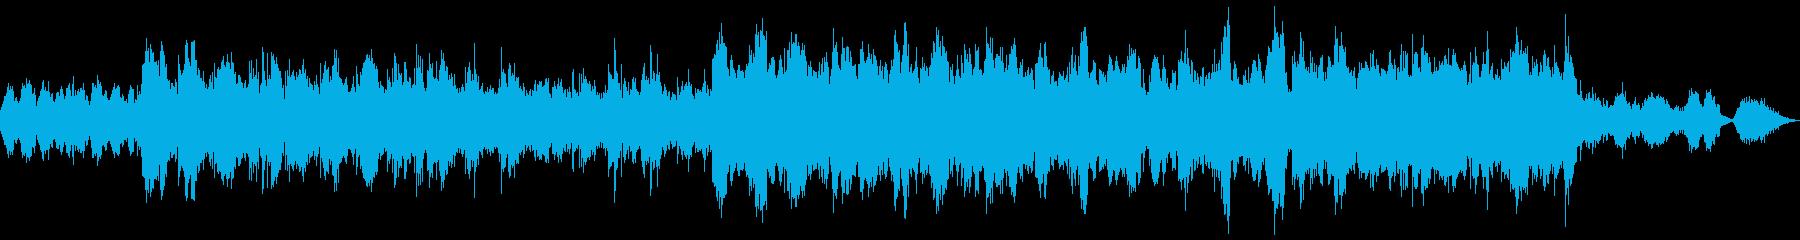 ノスタルジックなアコギとストリングスの再生済みの波形